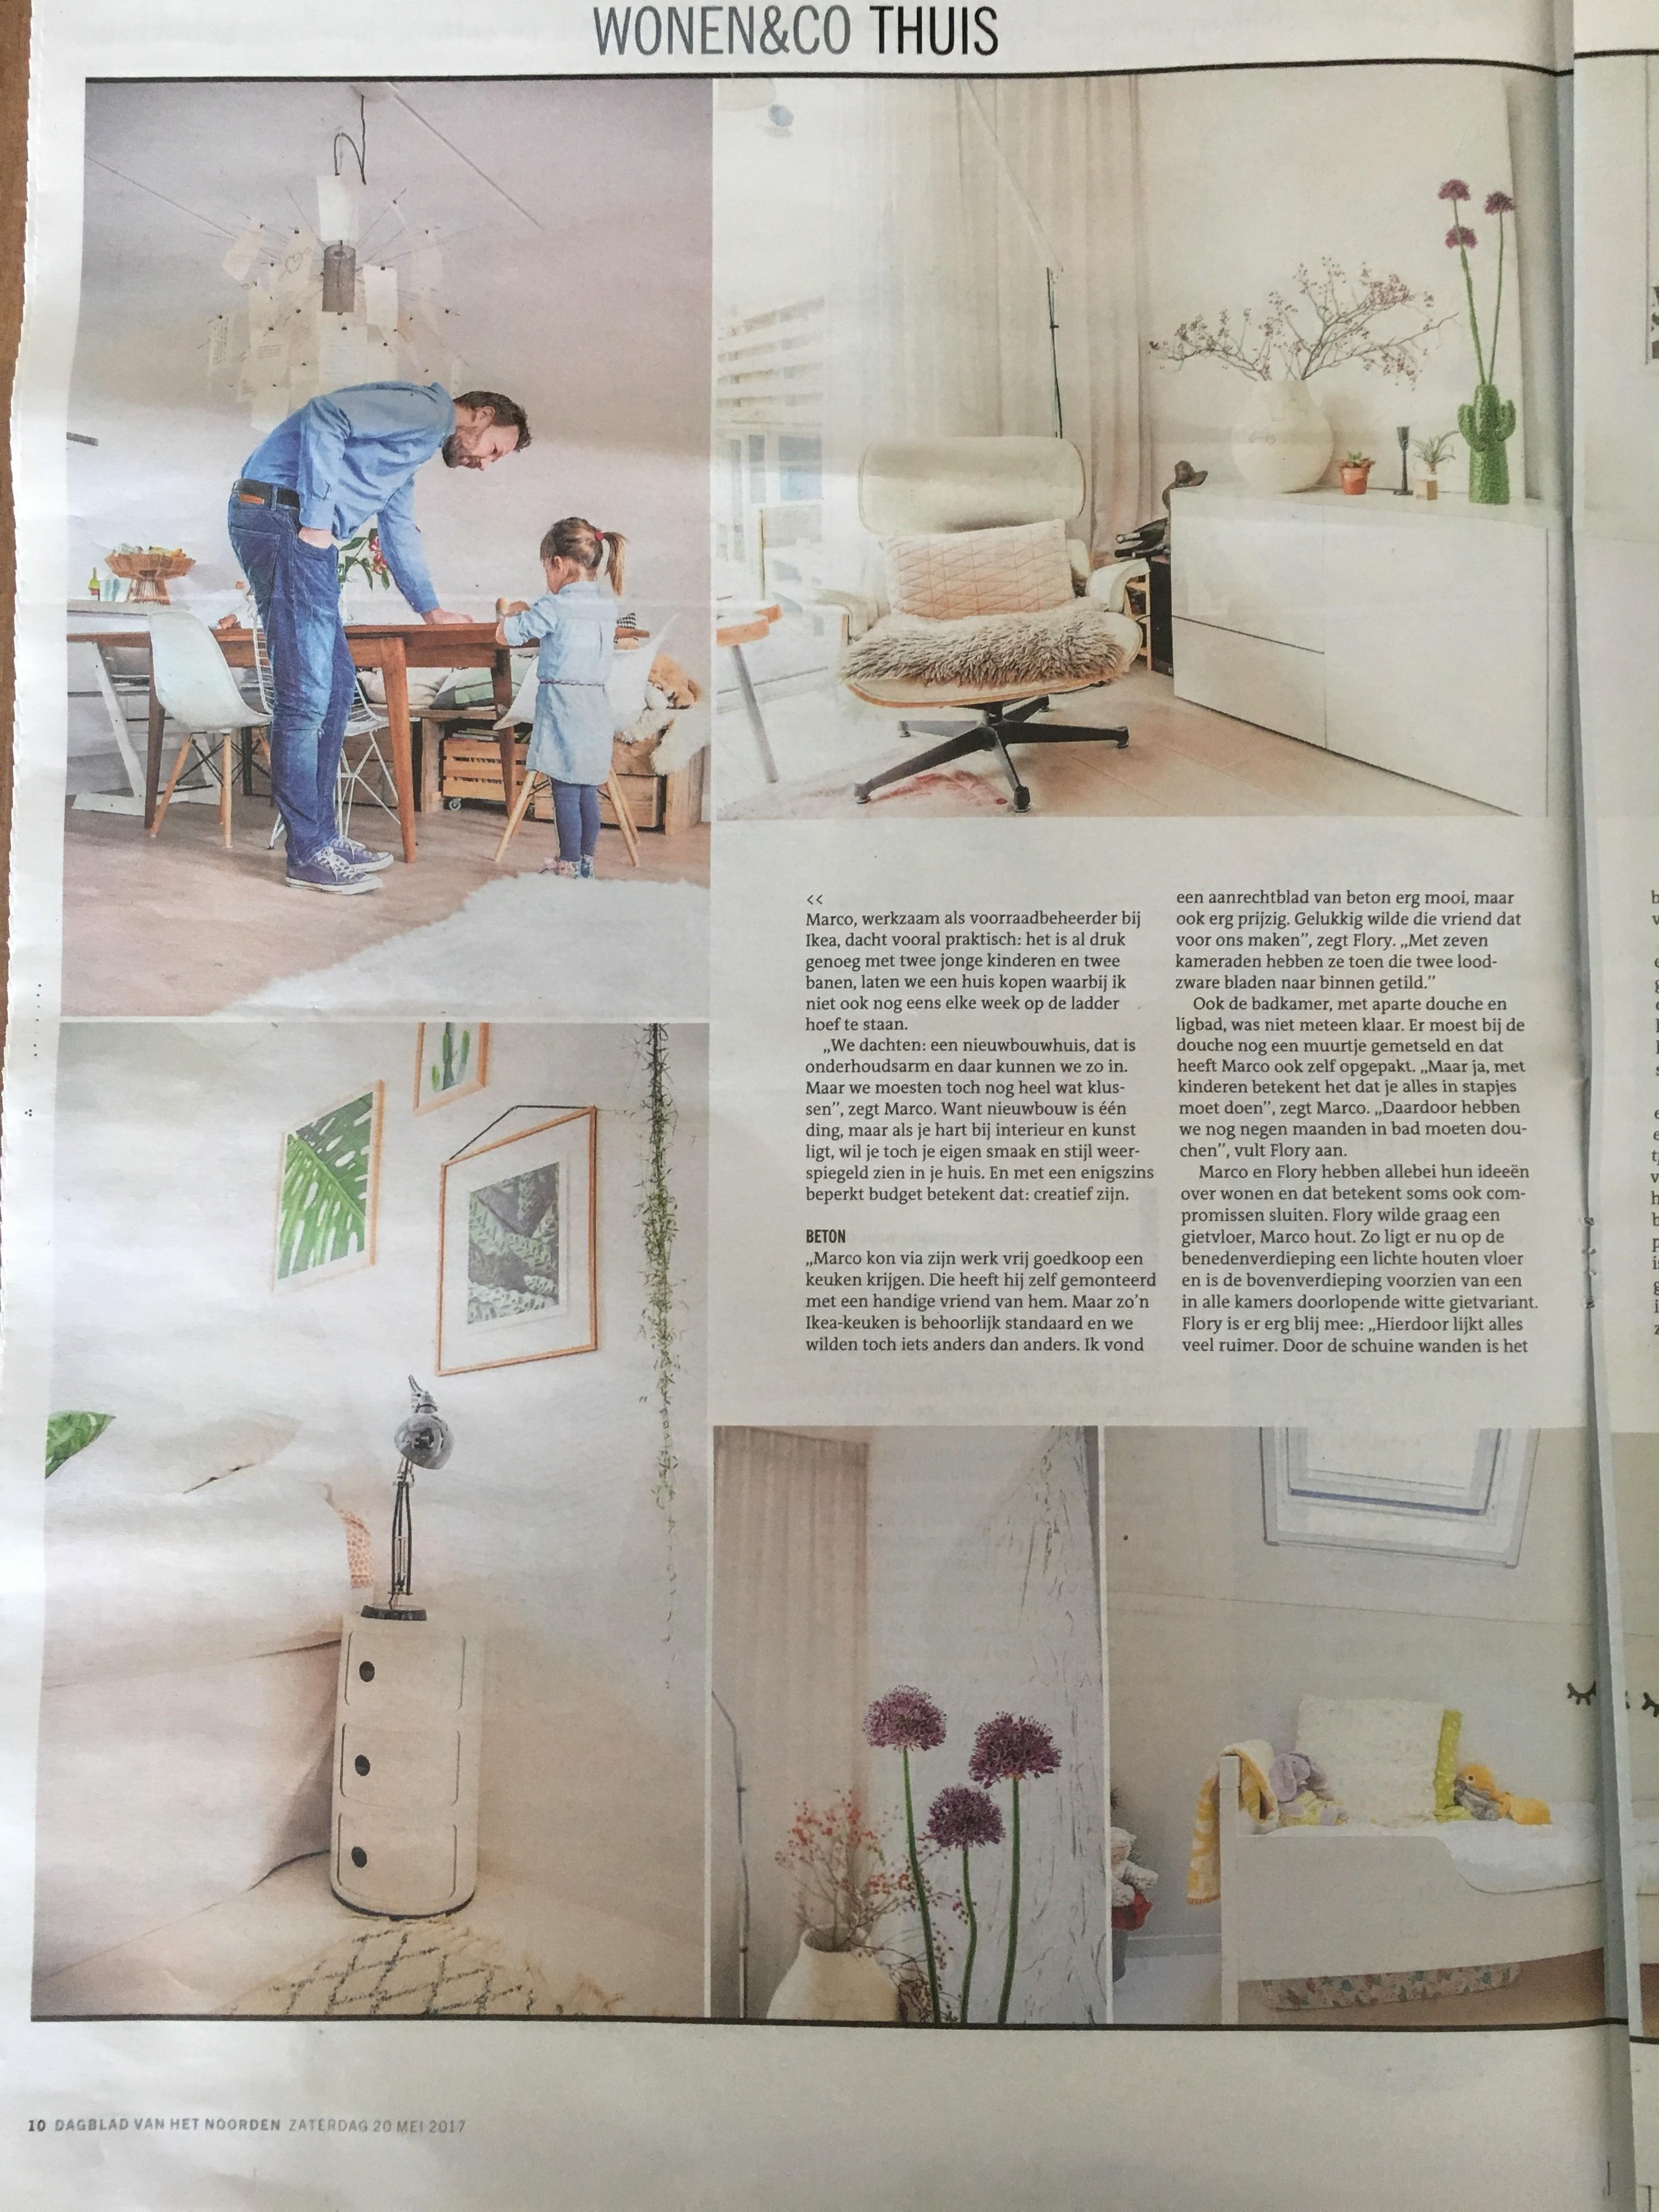 Wonen & Co (pagina 3), Dagblad van het Noorden / Leeuwarder Courant, zaterdag 20 mei 2017